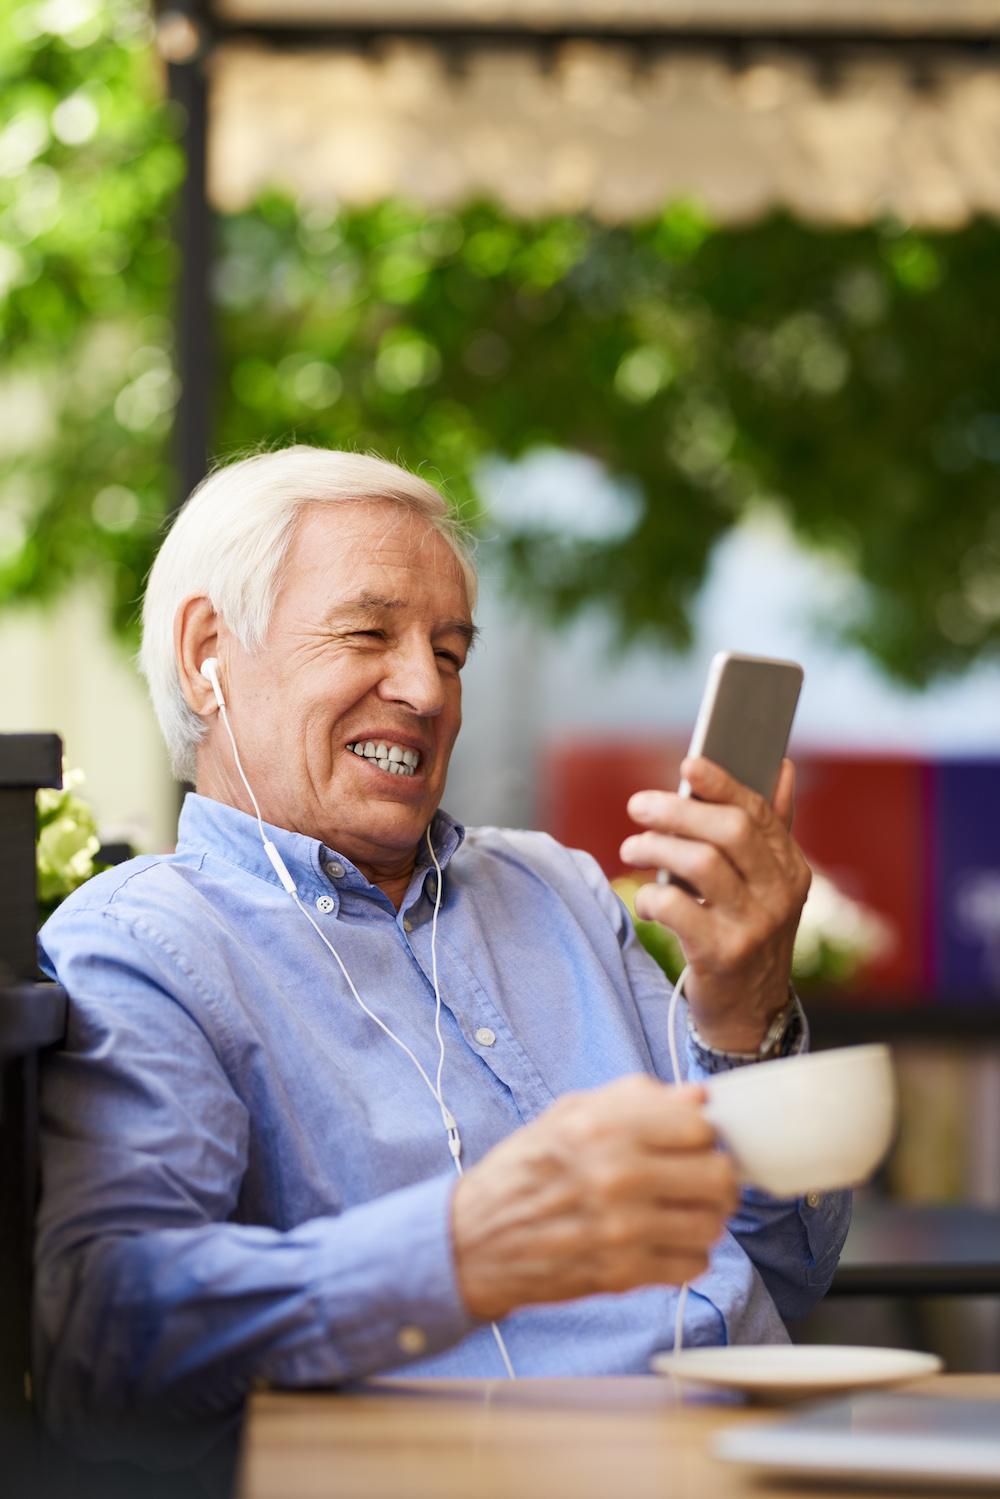 grandpa video calling